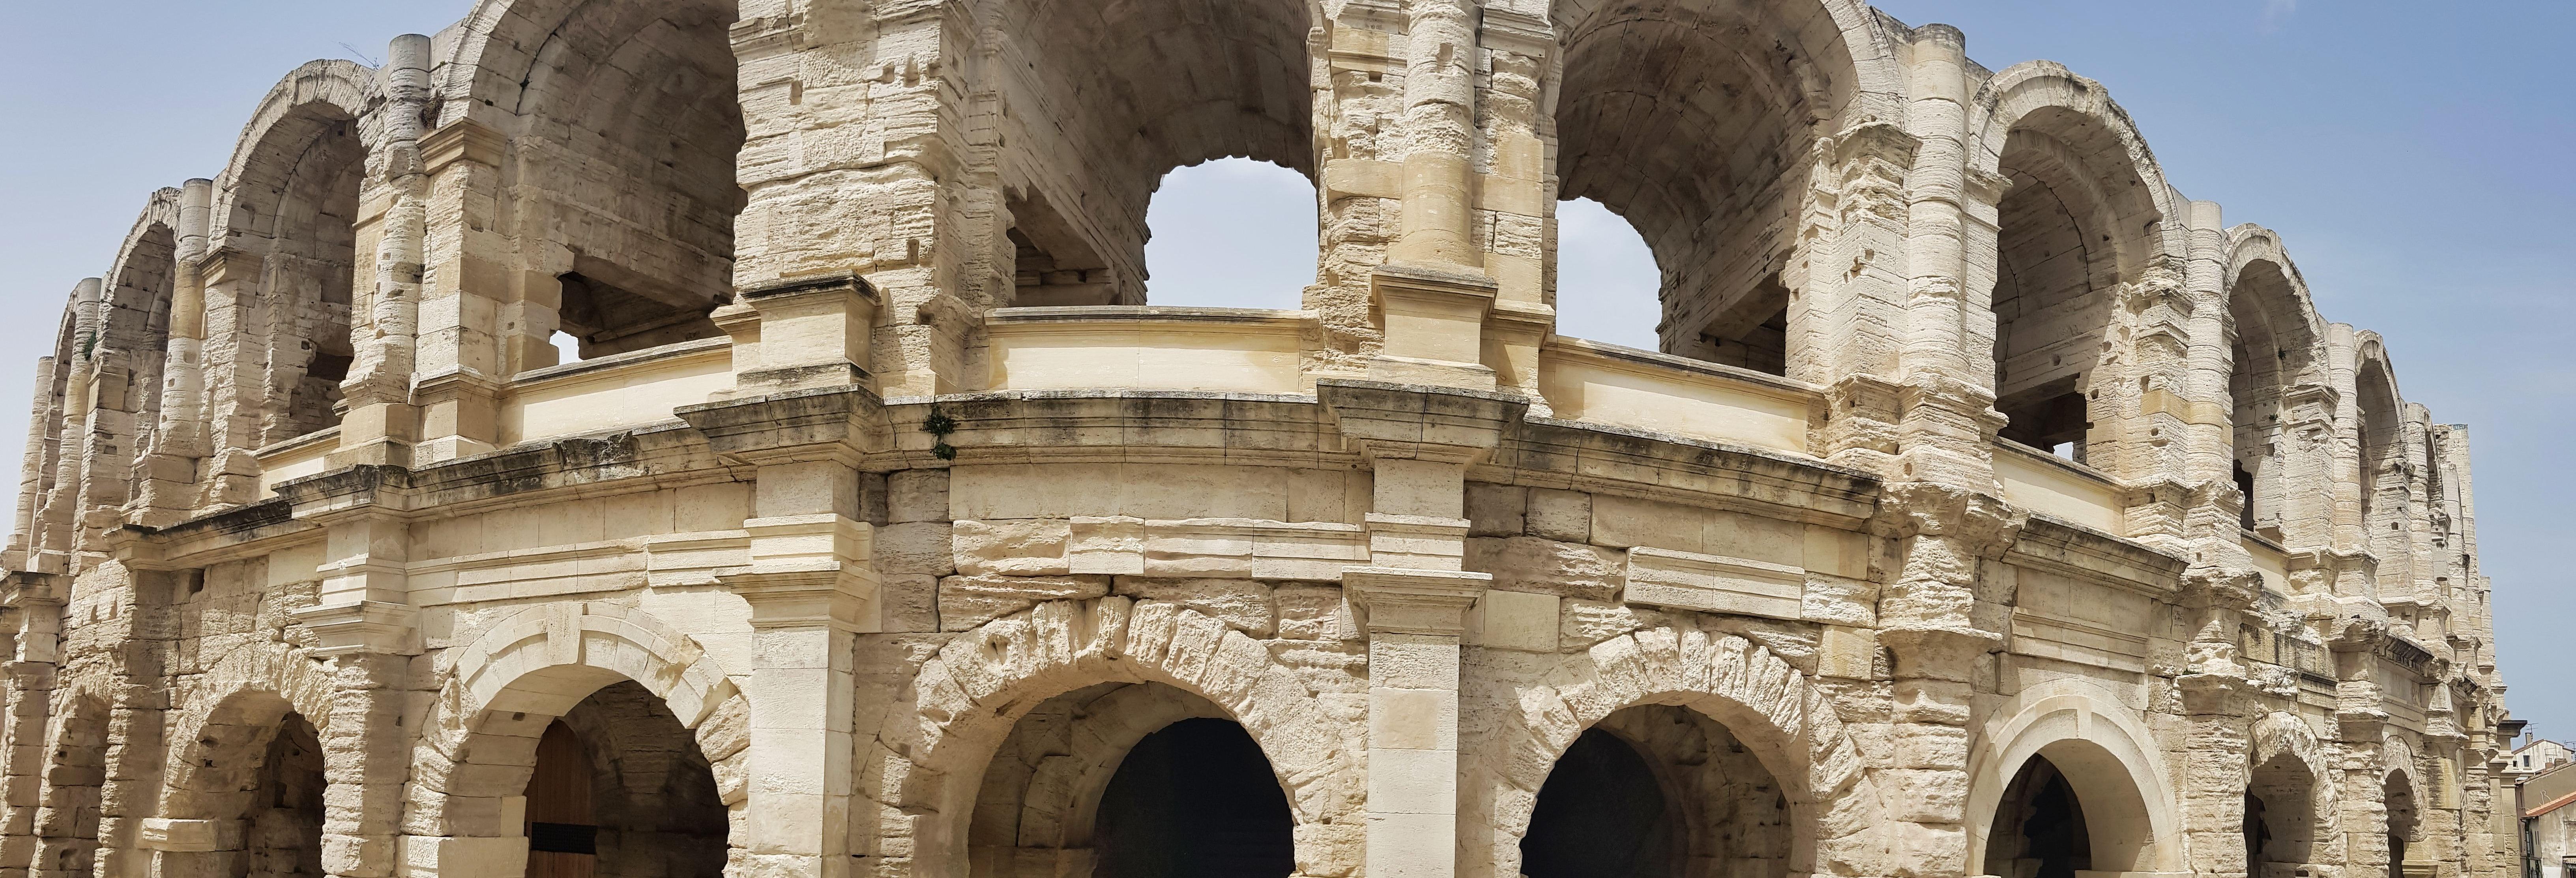 Les Baux, Arles, Saint-Rémy e Châteauneuf du Pape